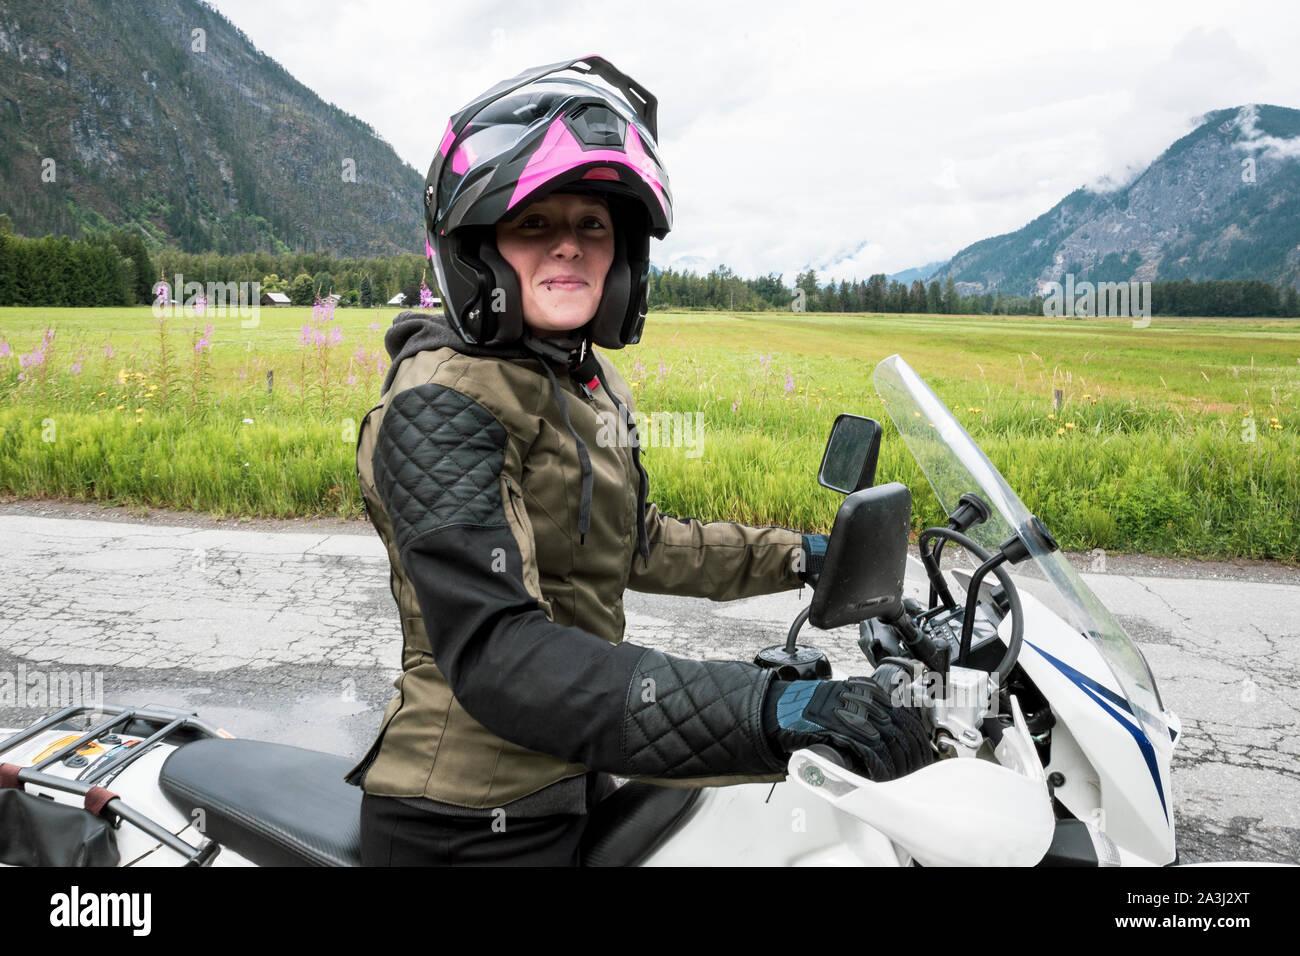 Une femme sur une moto en son ciel nuageux jour d'été. Banque D'Images